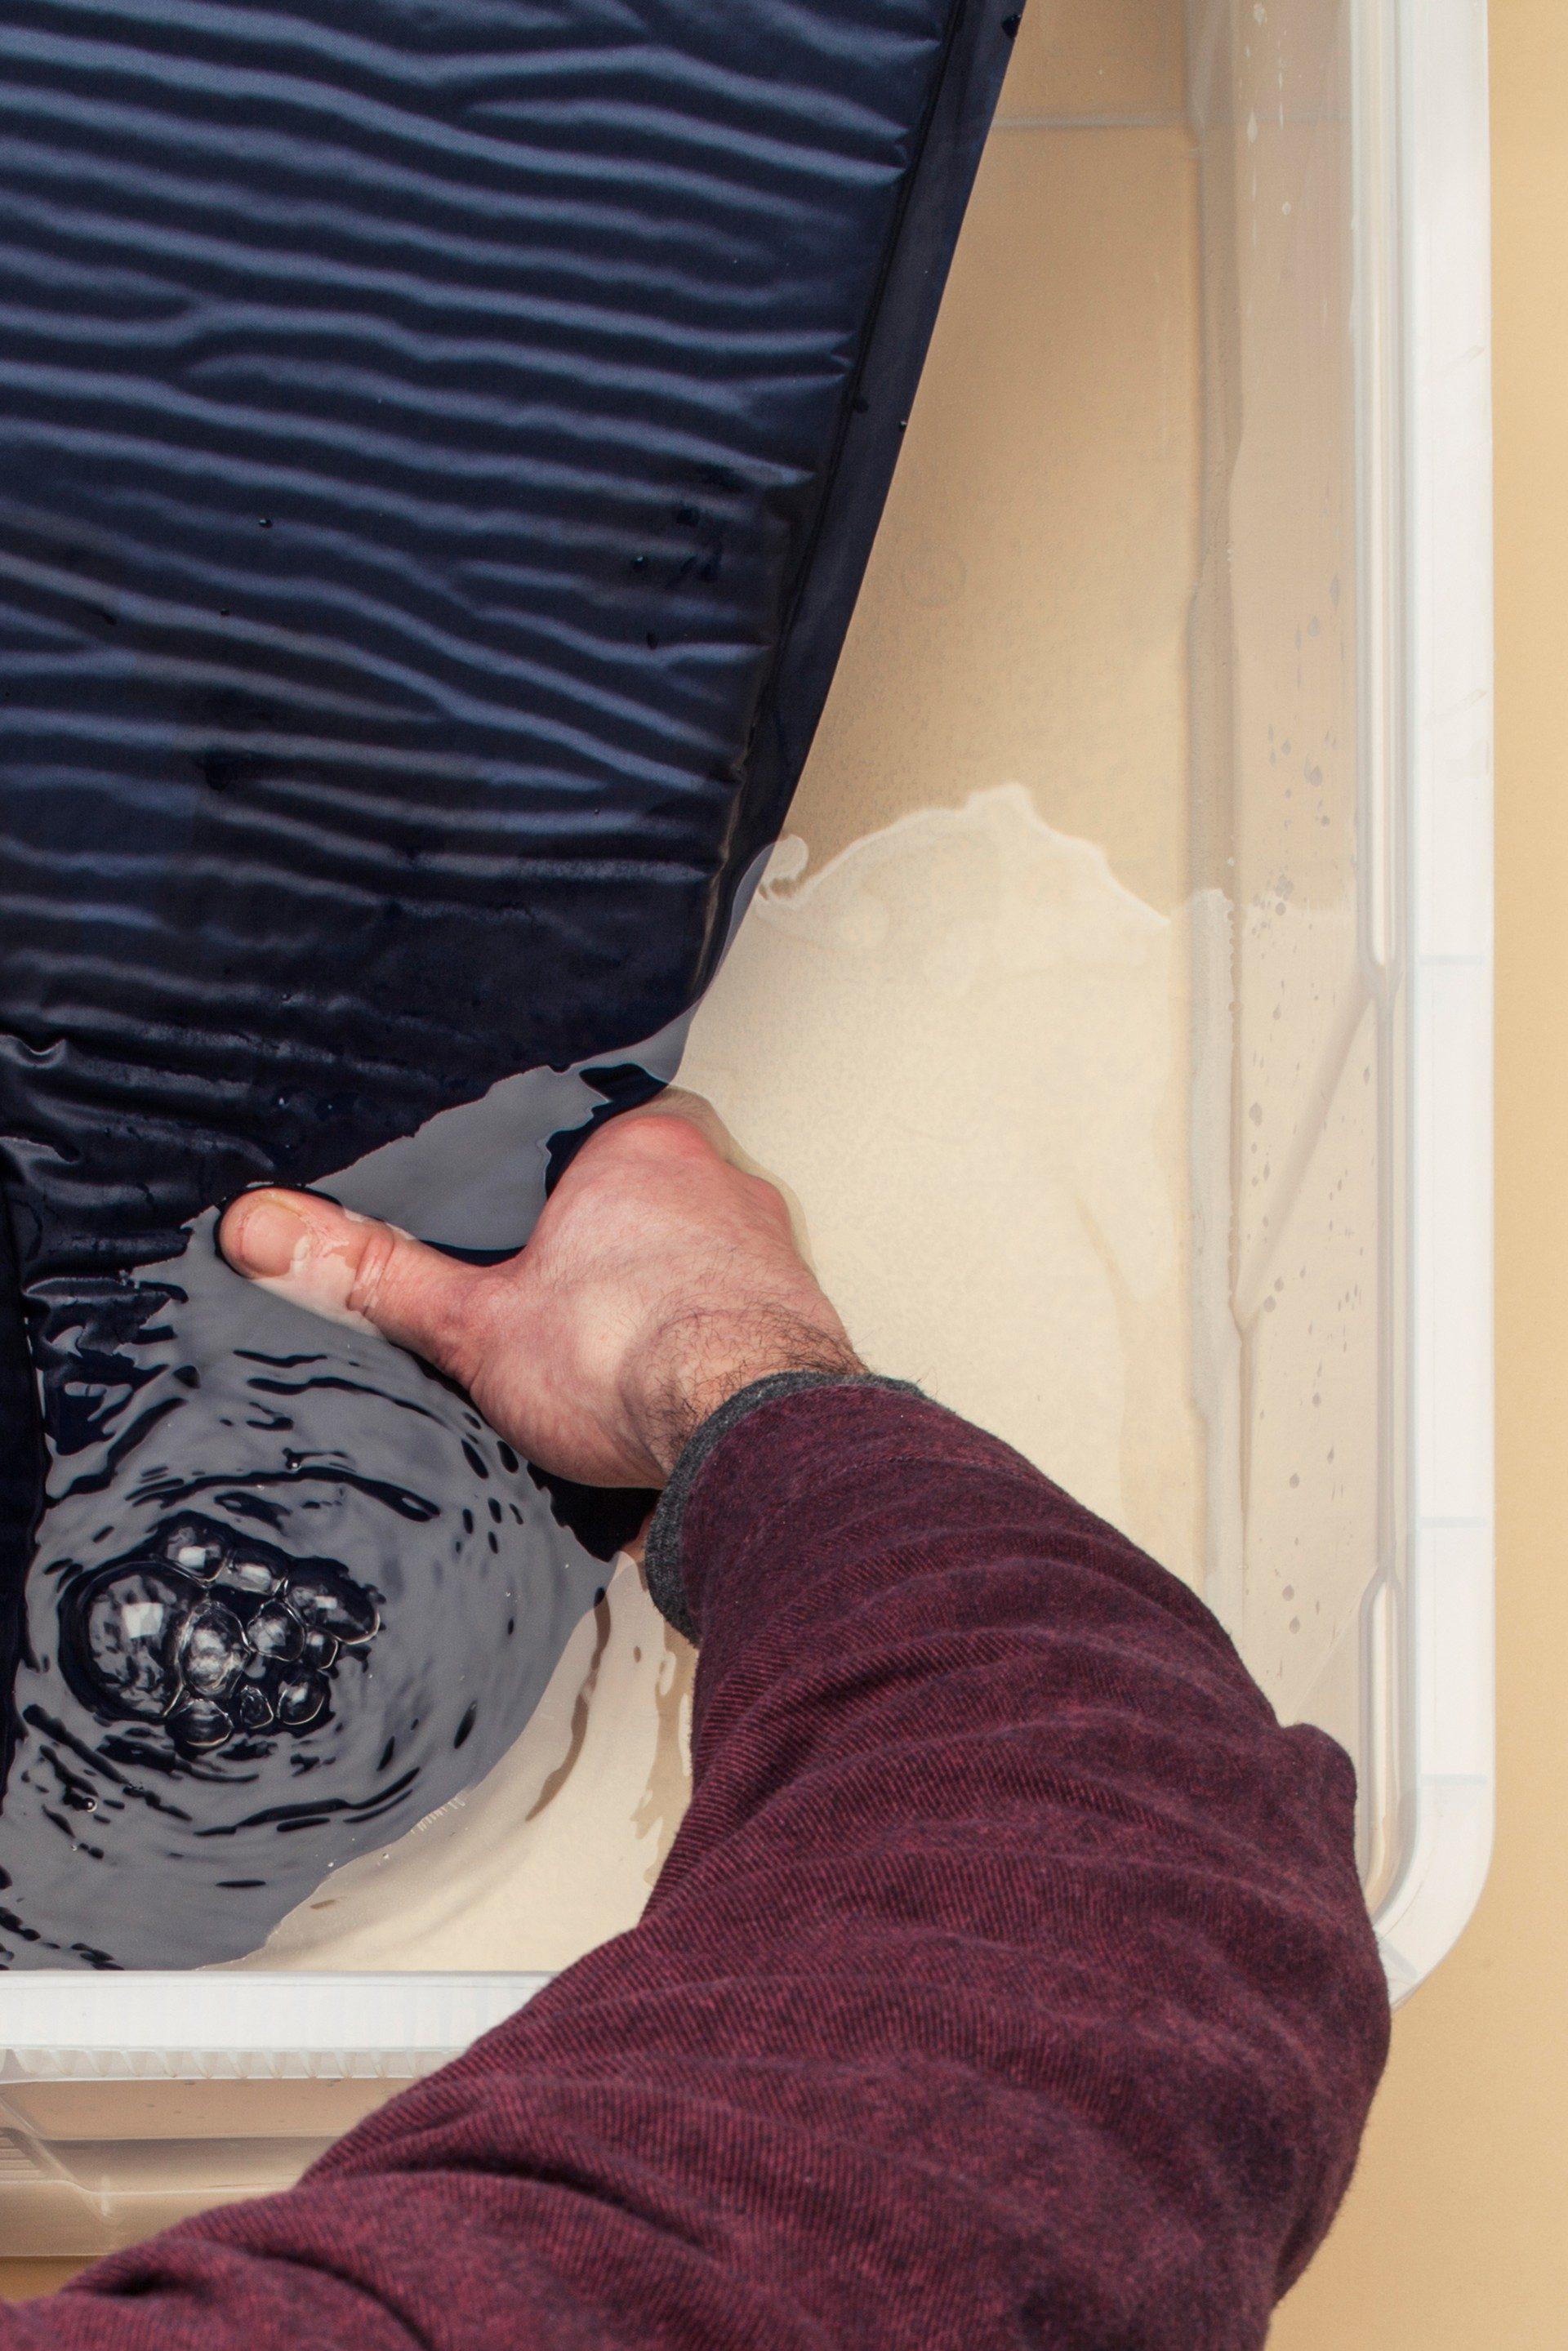 Trouver un trou dans un matelas gonflable